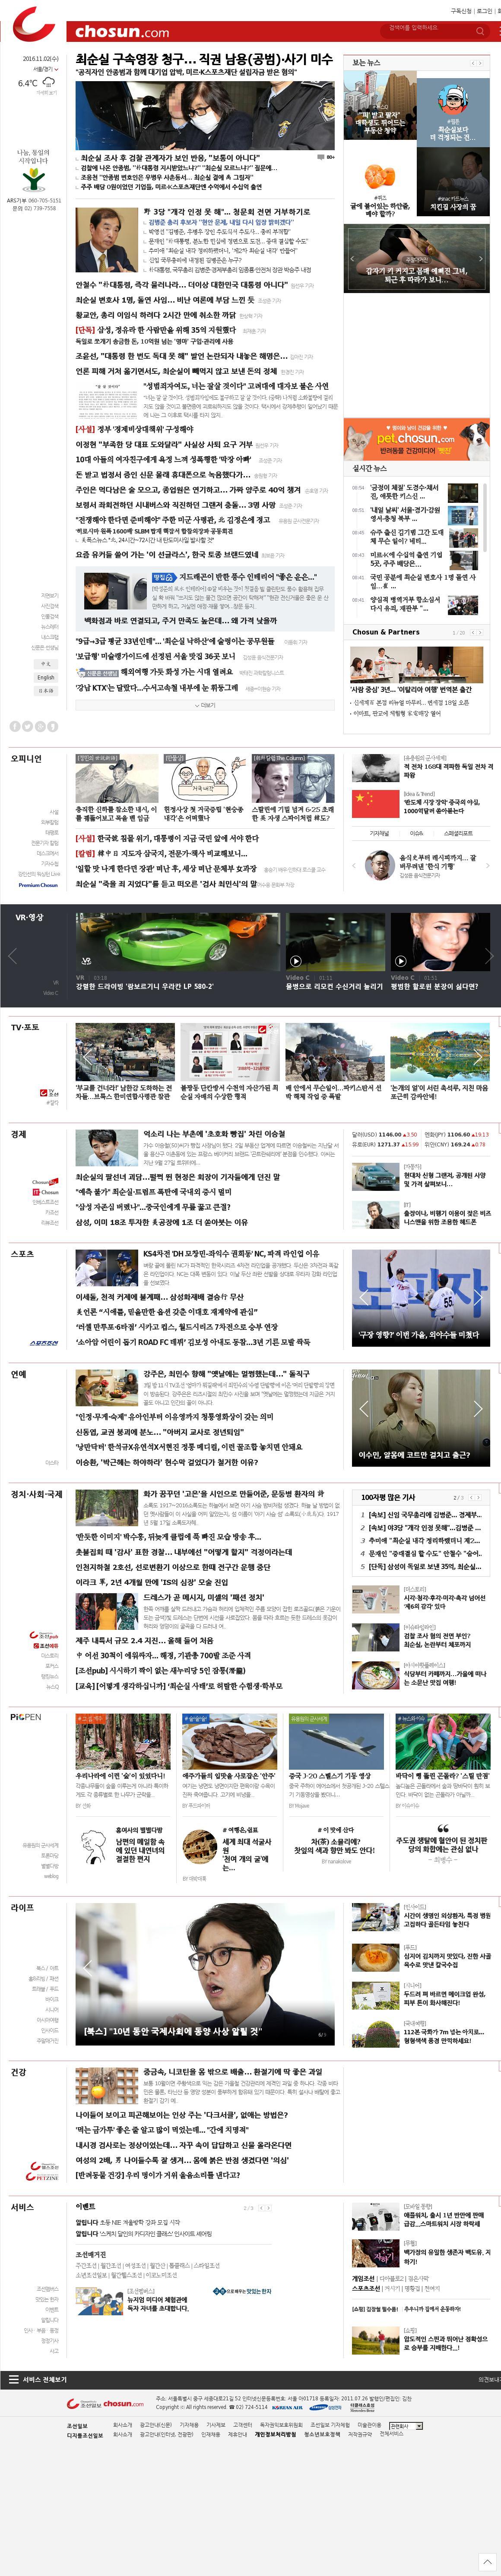 chosun.com at Wednesday Nov. 2, 2016, 9:02 a.m. UTC